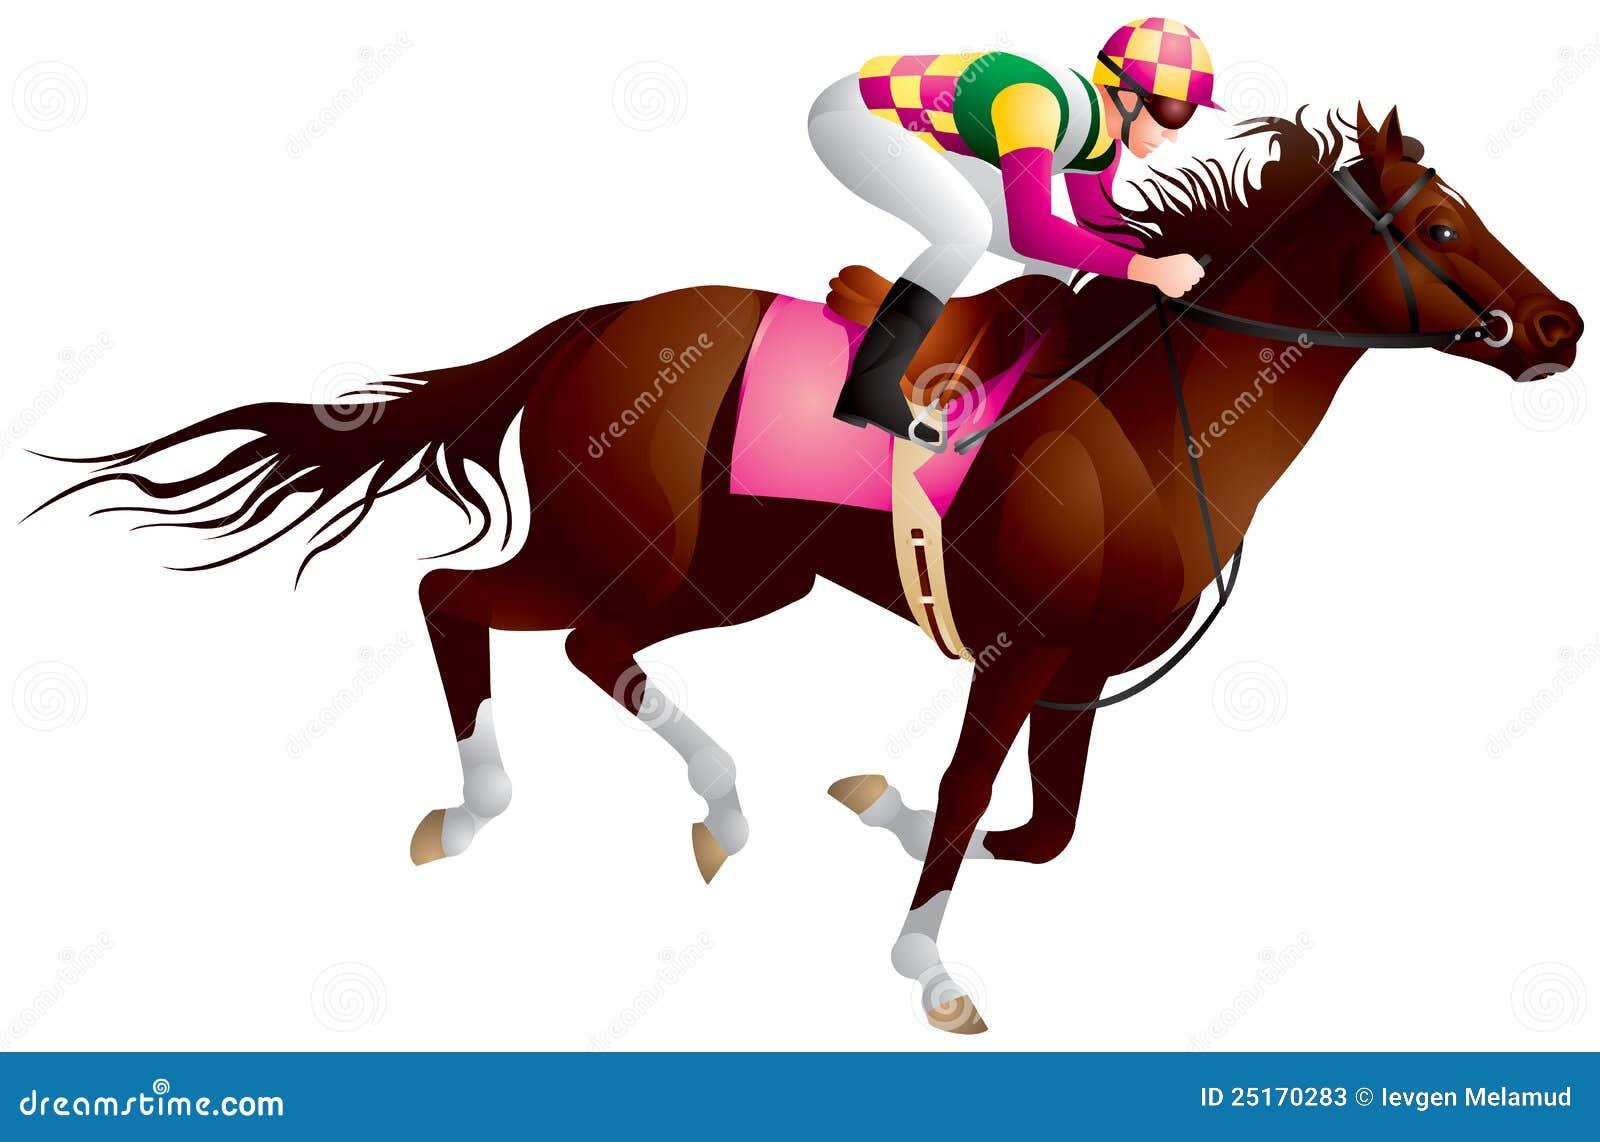 derby  caballo y jinete 4 del deporte ecuestre ilustraci u00f3n horse vector diseases horse vector free